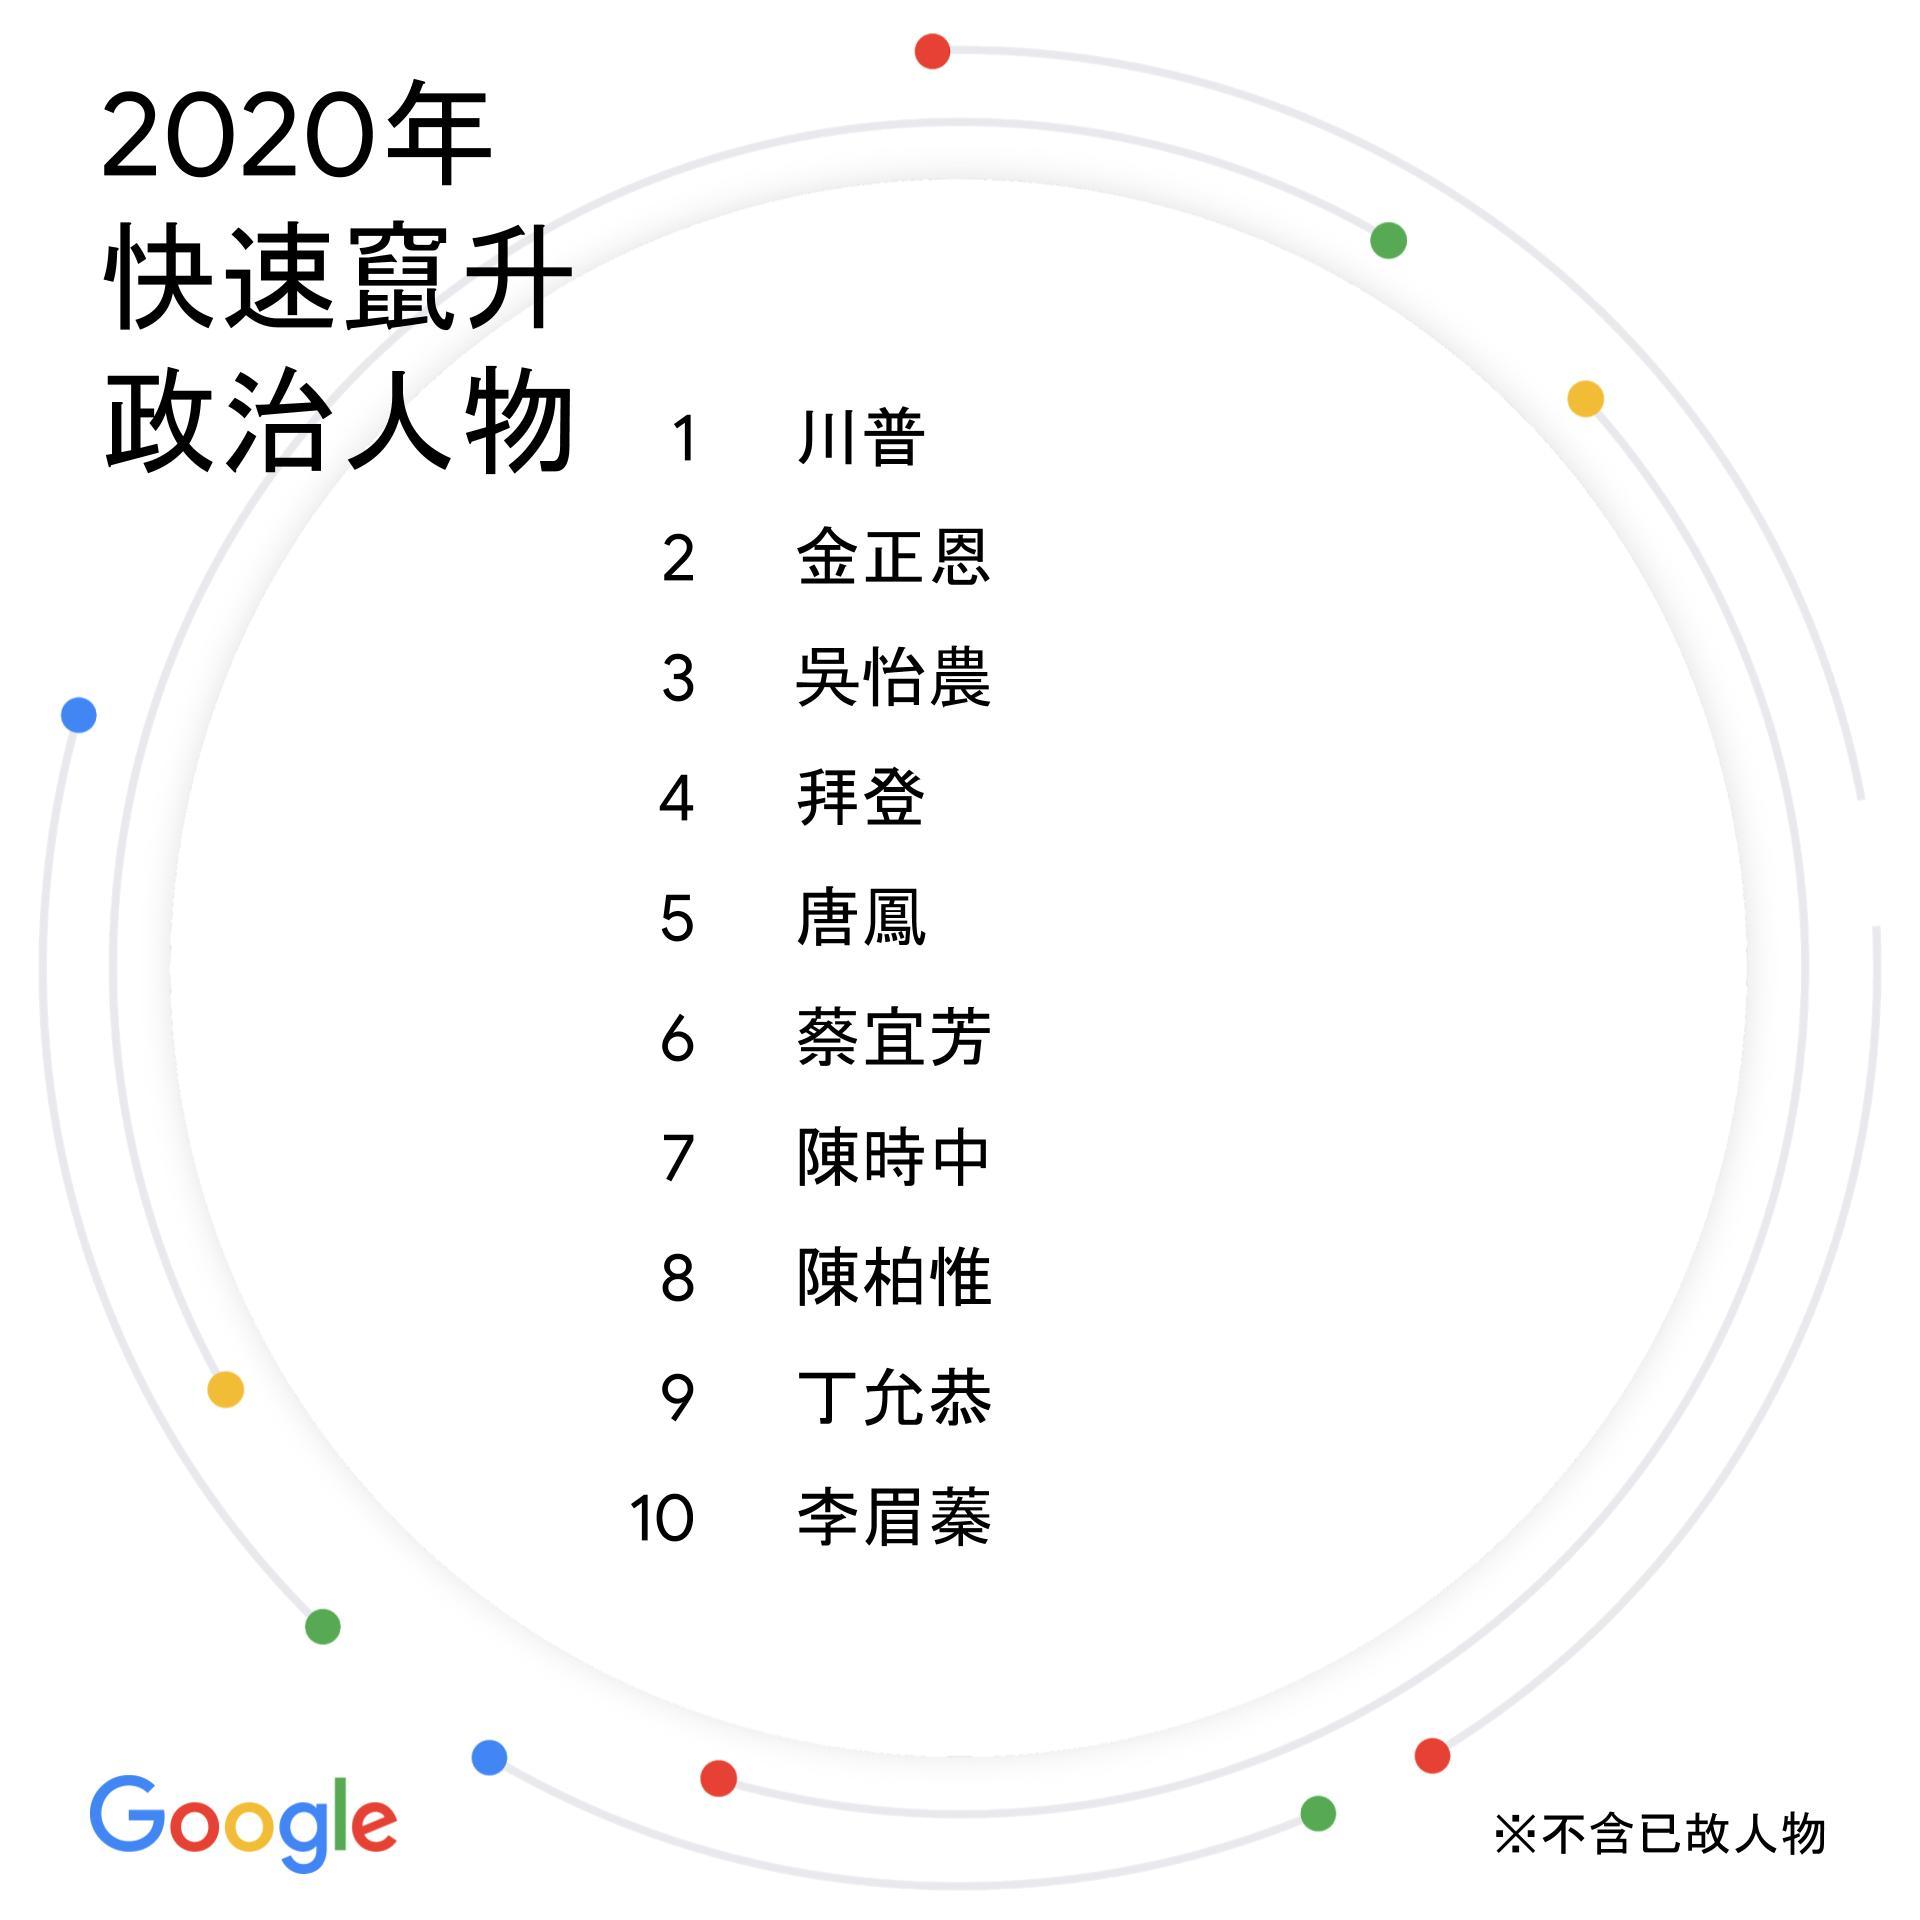 台灣2020年度搜尋排行榜:快速竄升政治人物(Google提供)